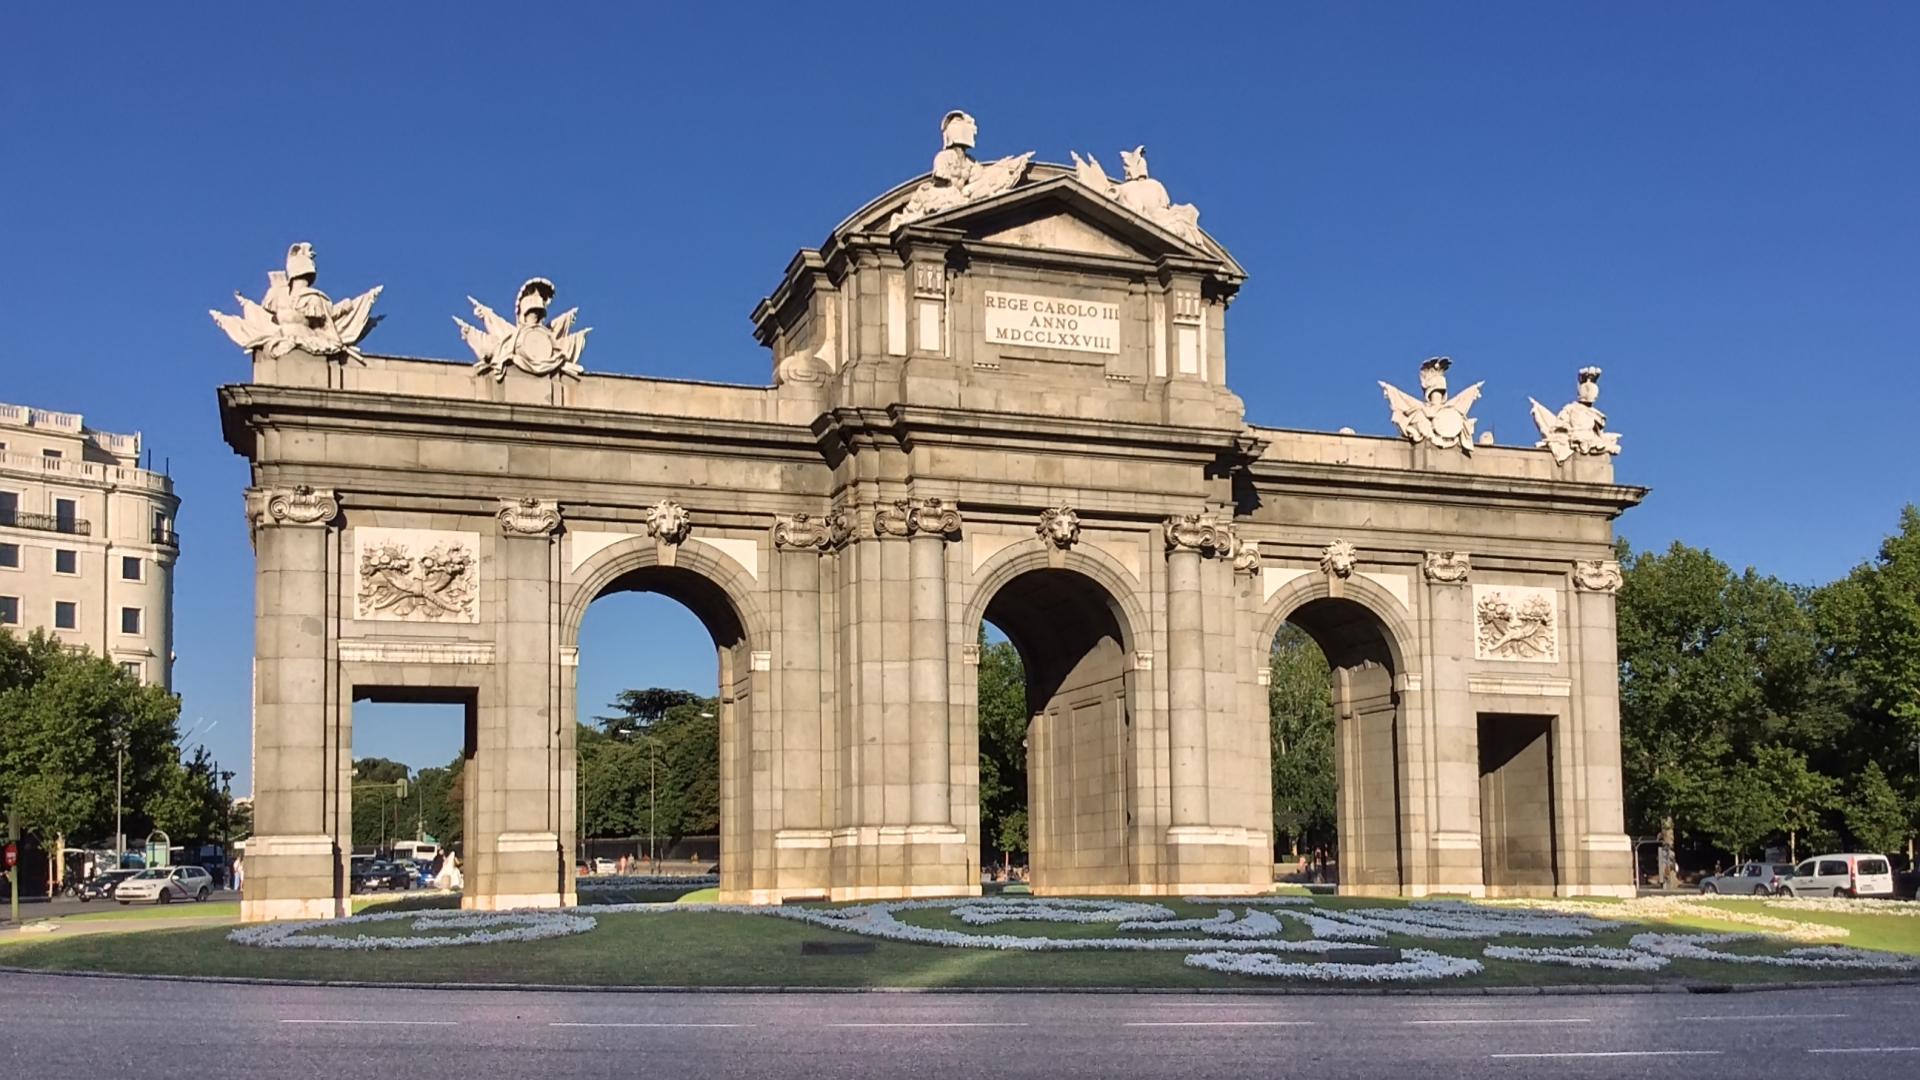 Puerta de alcal full hd wallpaper and background image - La puerta de alcala ...